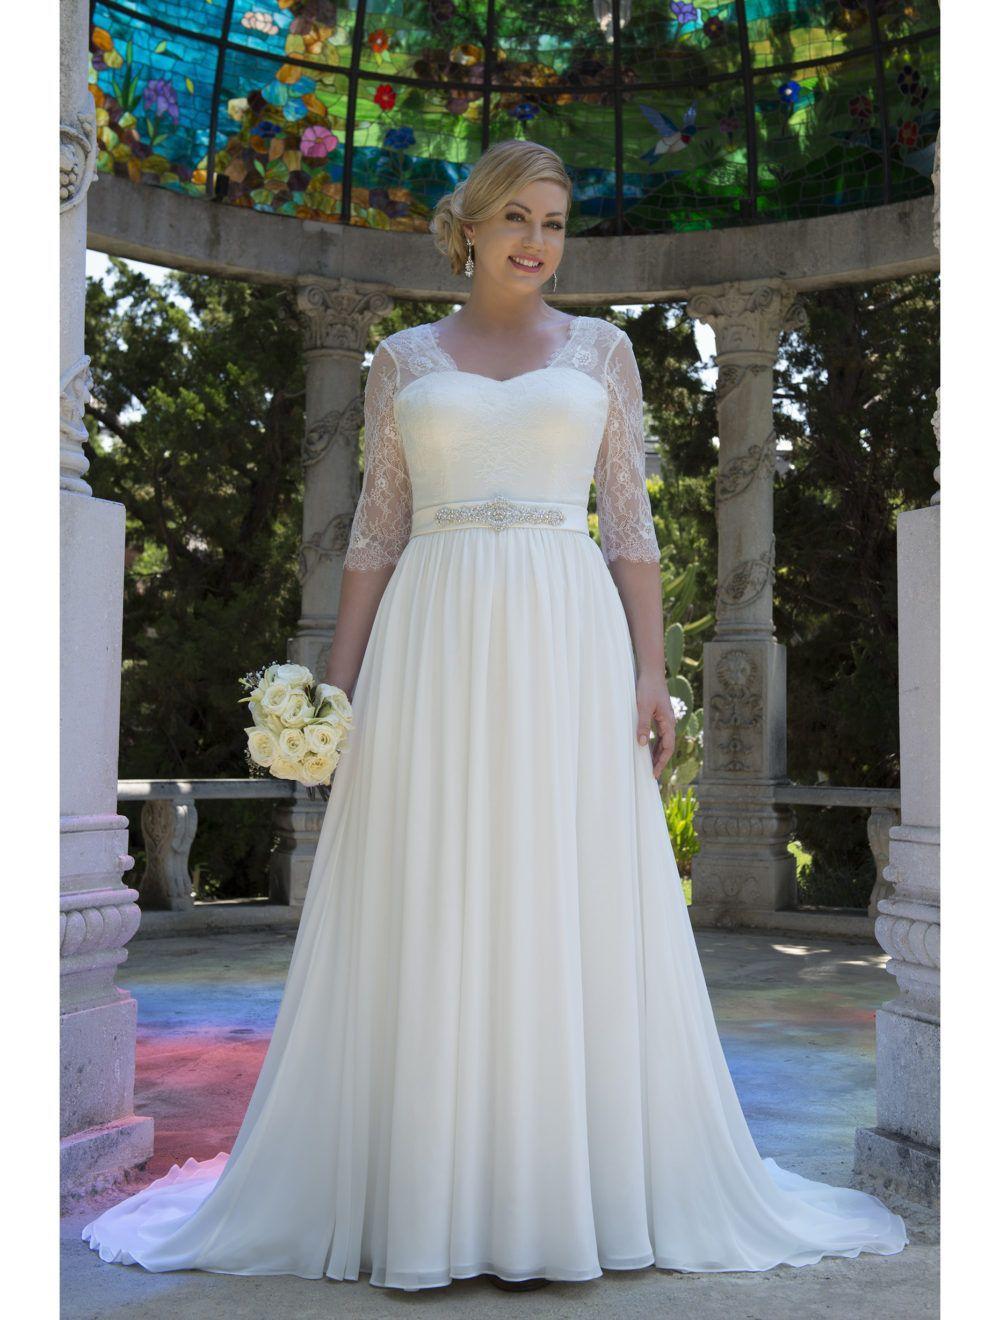 Informal Lace Chiffon Modest Plus Size Wedding Dresses With 3 4 Sleeves 2017 Big Size Wedding Dresses Plus Size Plus Size Wedding Gowns Trendy Wedding Dresses [ 1320 x 1000 Pixel ]